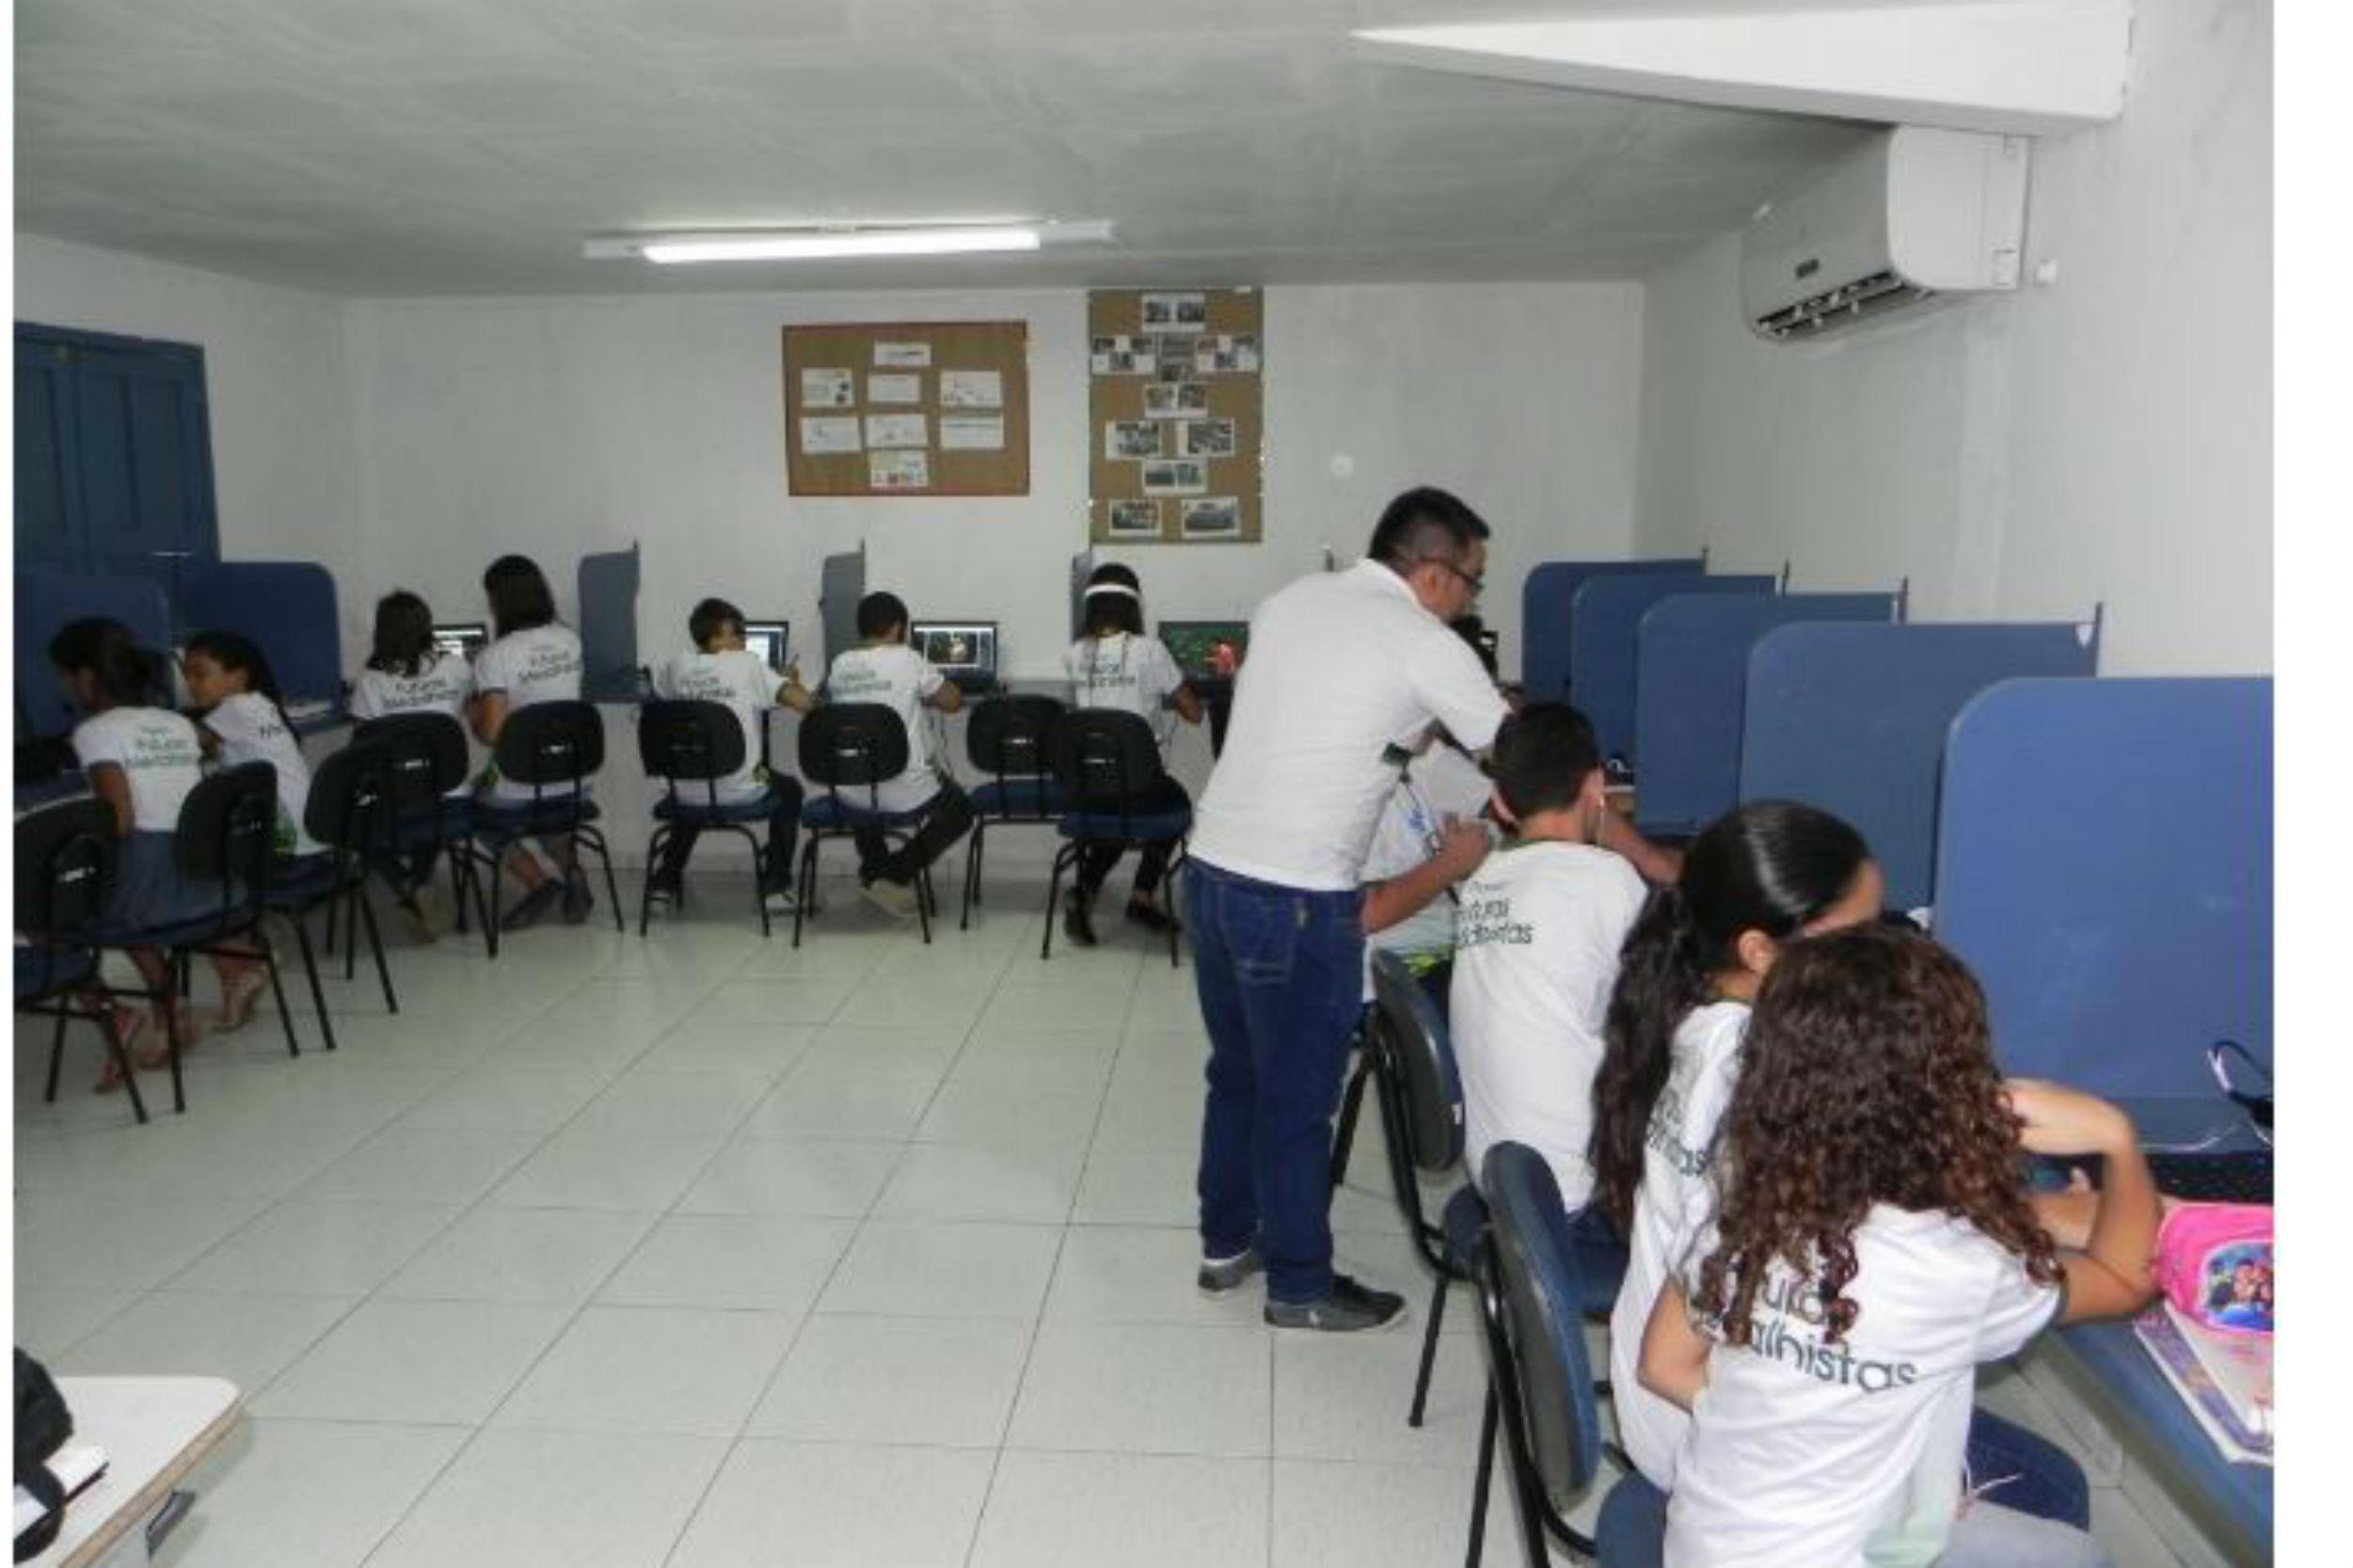 03_05_2017-escola-do-sertao-e-destaque-em-olimpiada-brasileira-de-matematica_jornal-da-paraiba-imagem-destacada